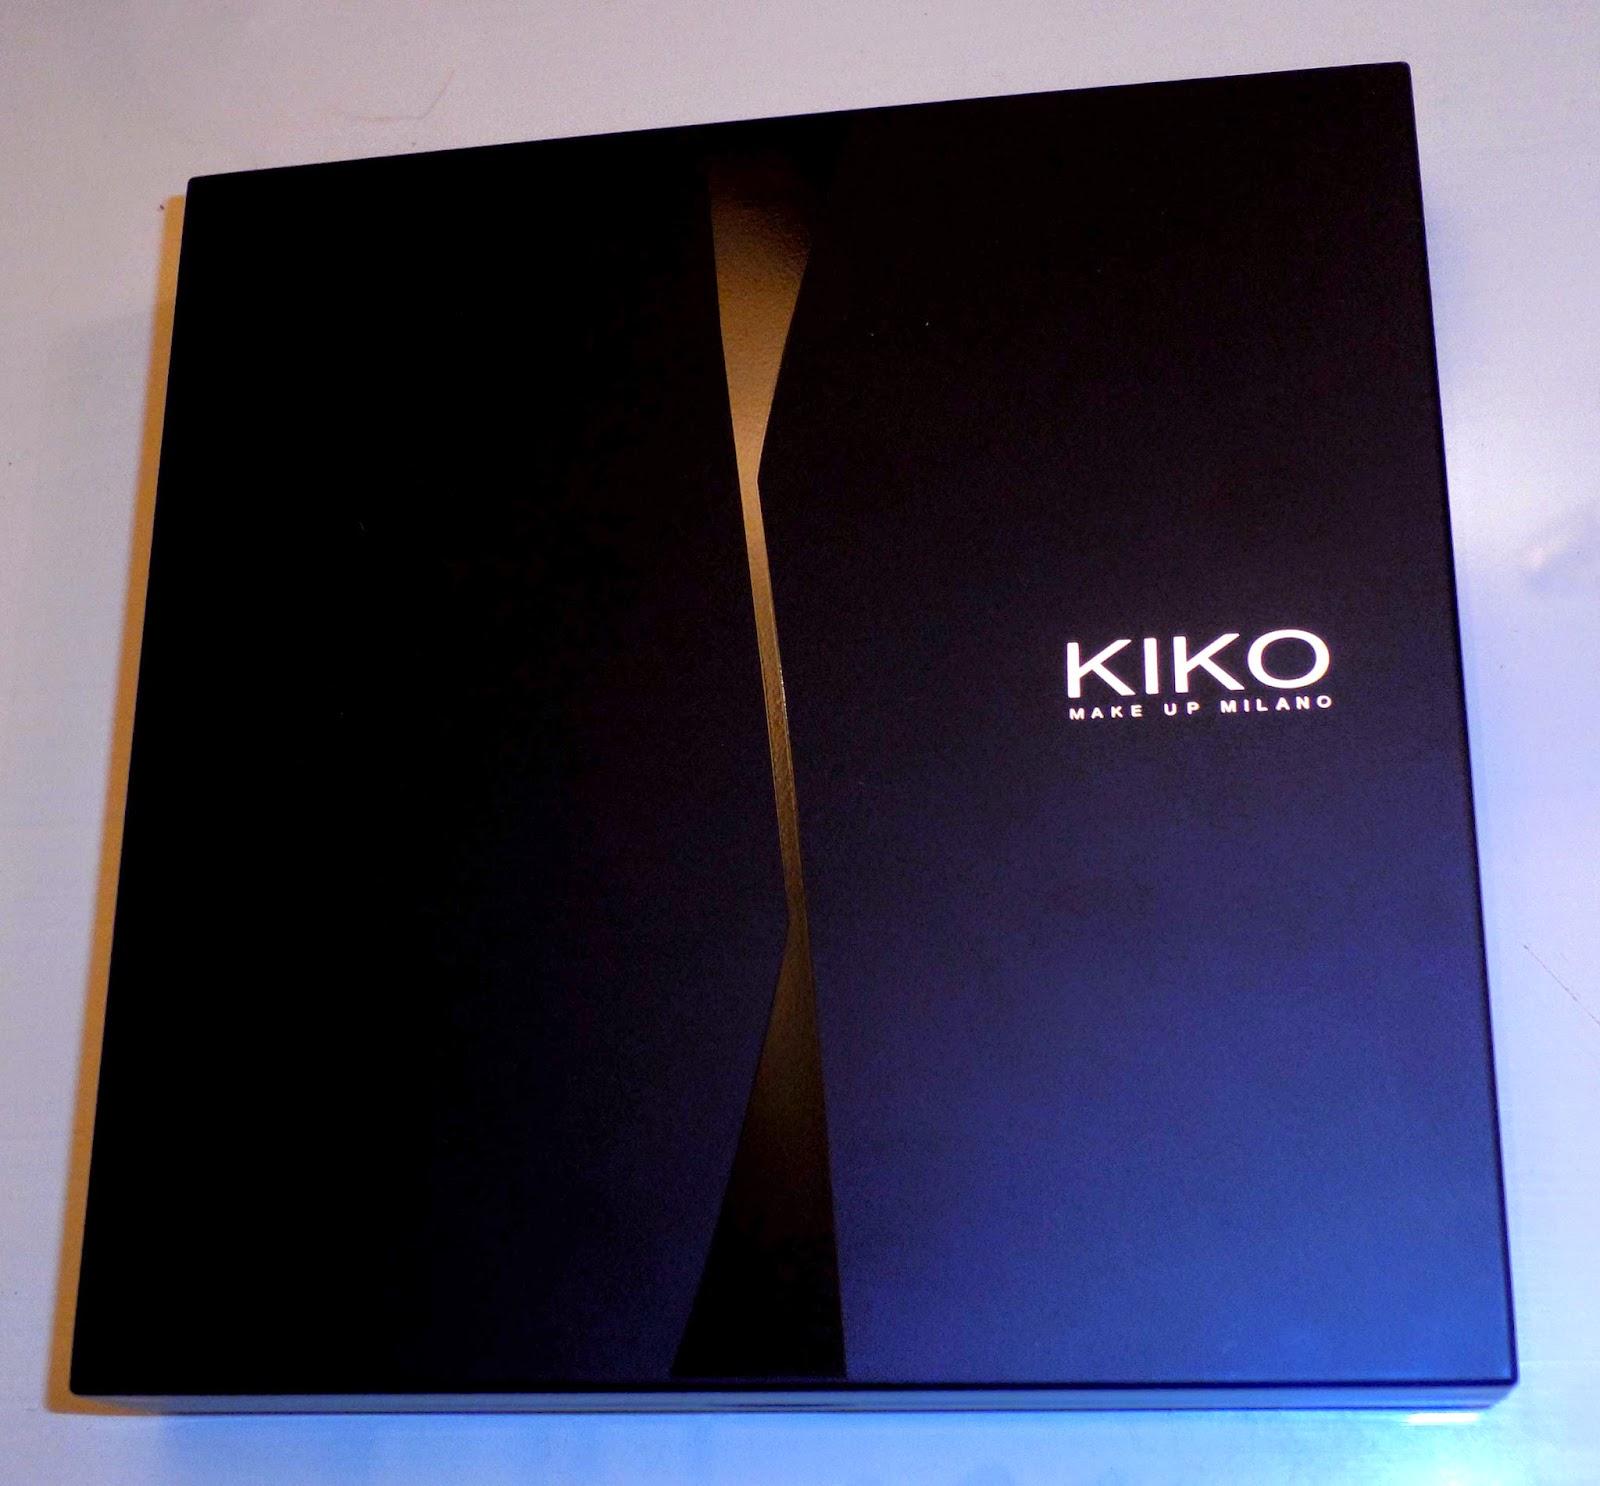 kiko paleta de sombras de ojos personalizada